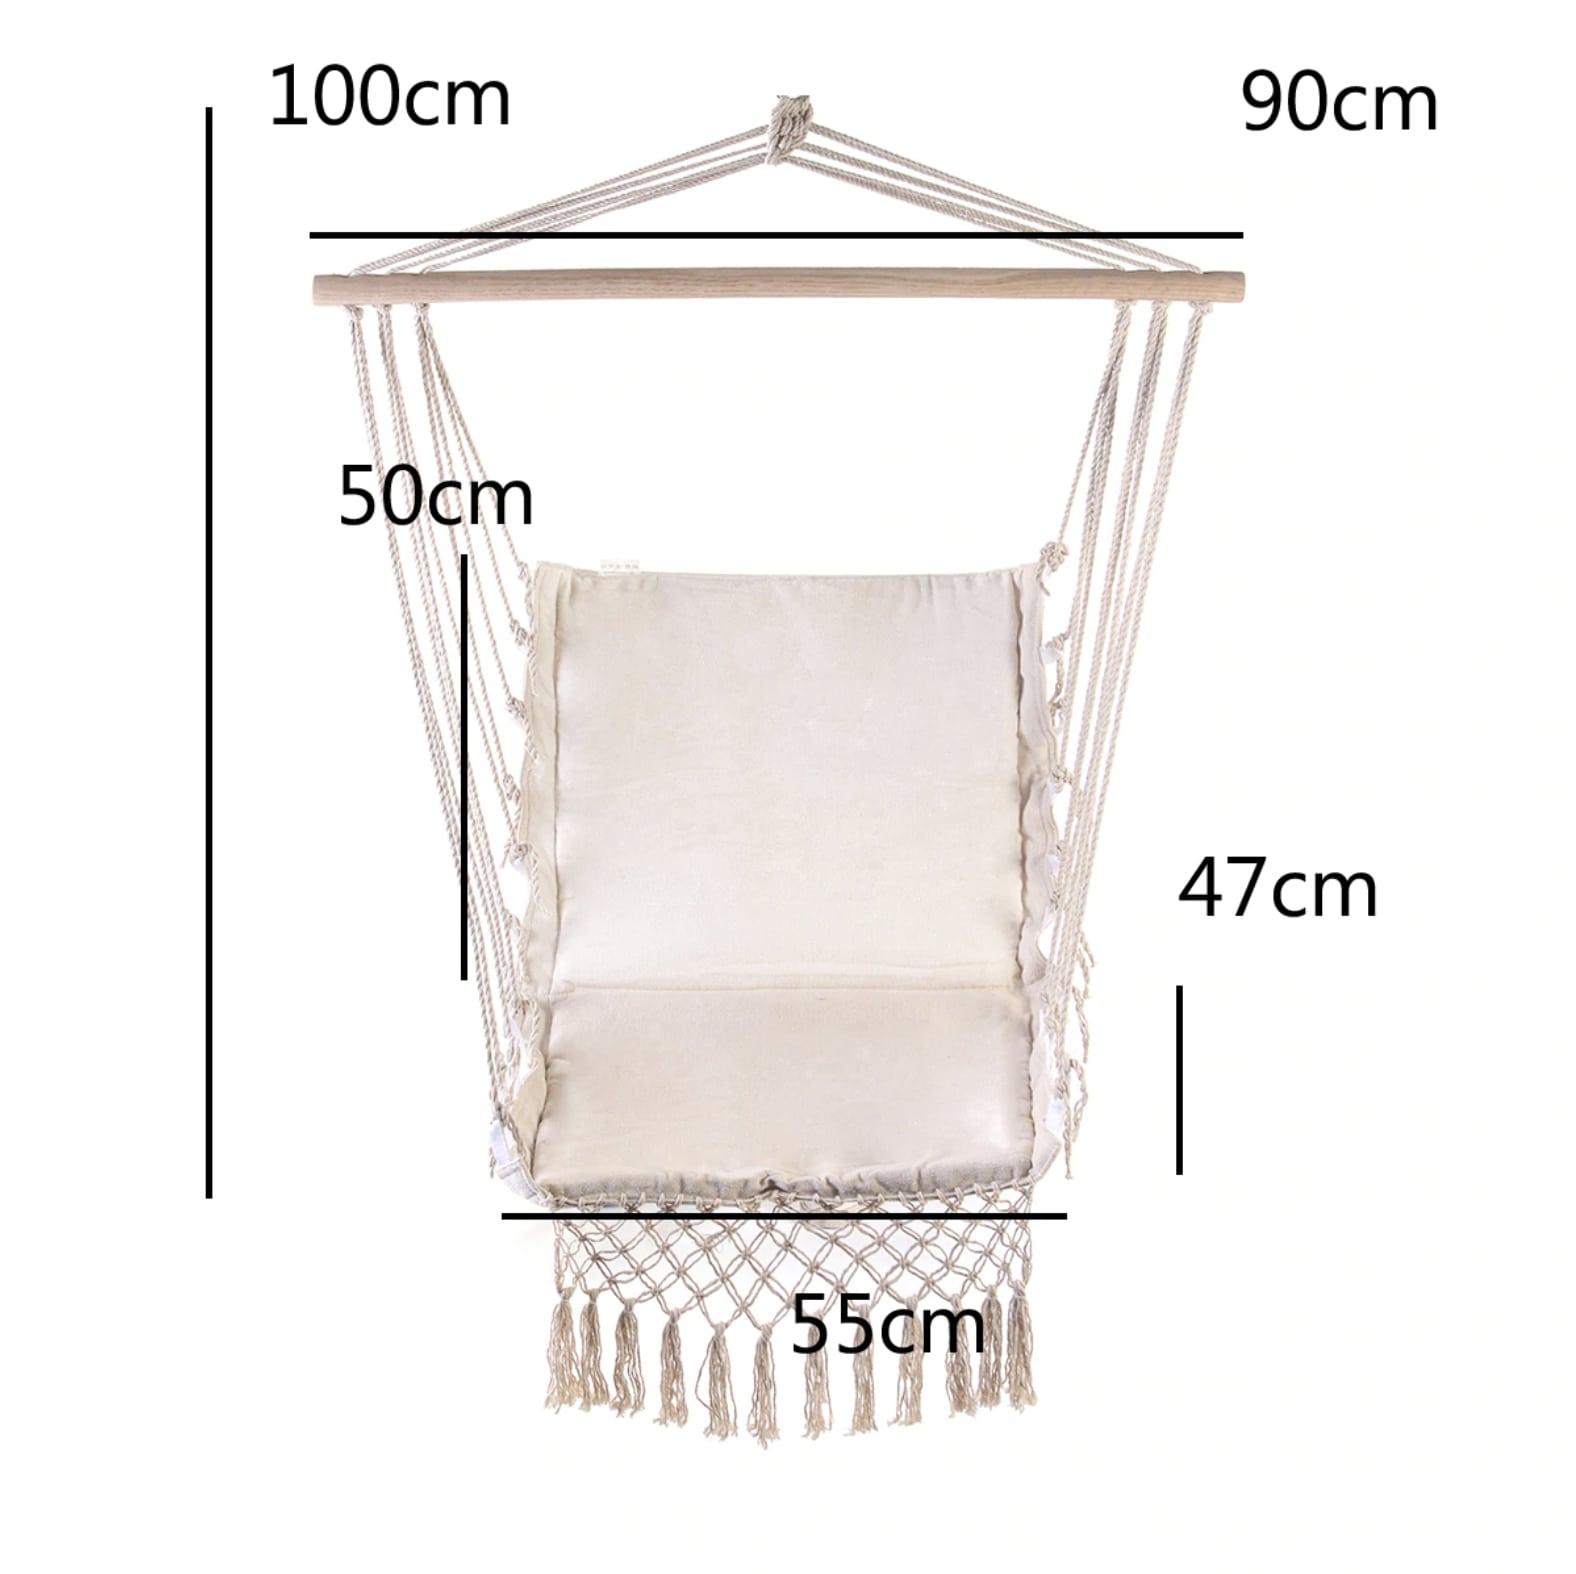 Chaise Hamac Suspendu Plafond Blanc (Pour Le Jardin ... intérieur Chaise Suspendue Jardin